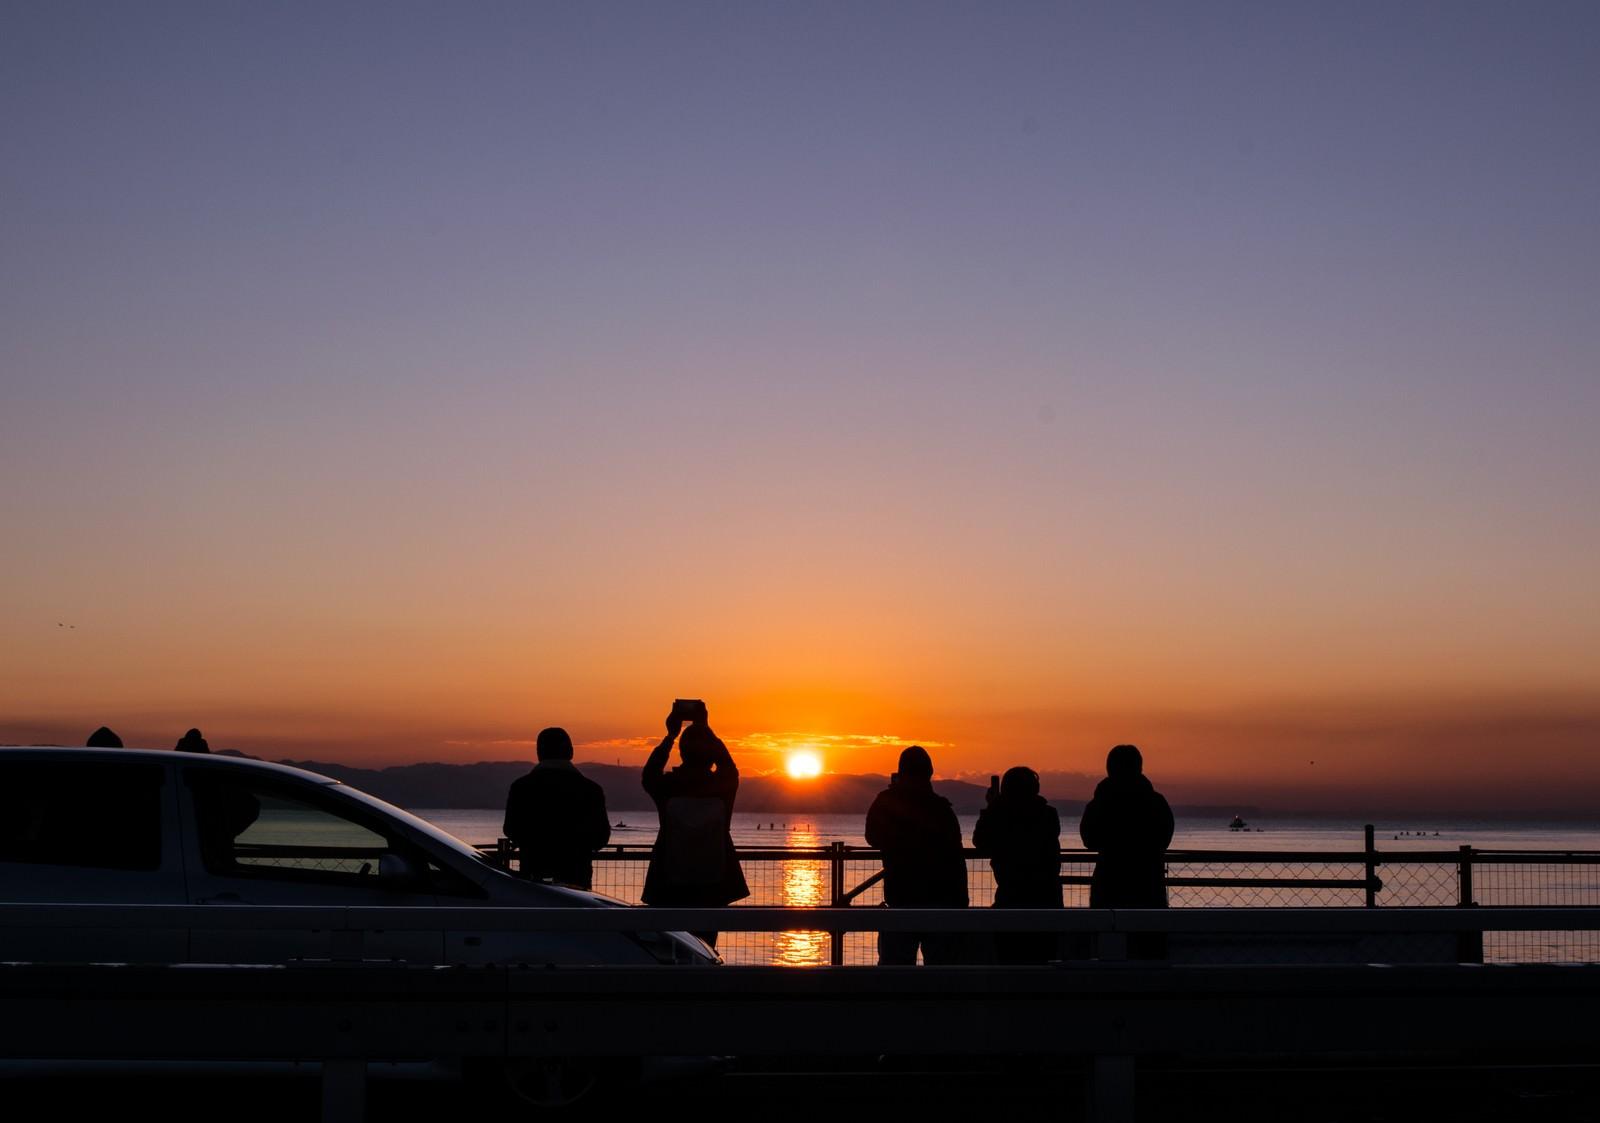 「初日の出を撮影しようと集まる人々(シルエット)」の写真